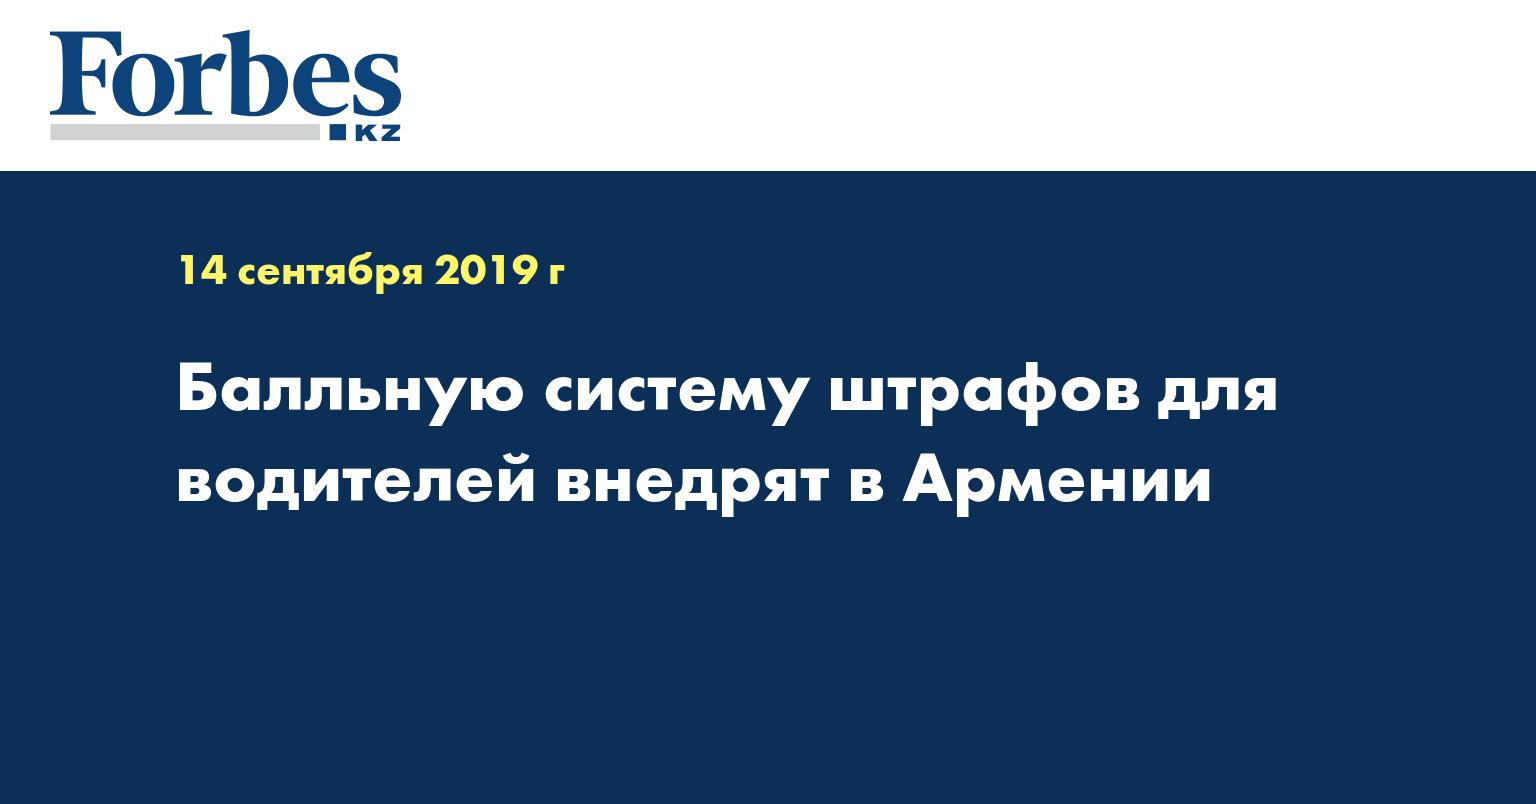 Балльную систему штрафов для водителей внедрят в Армении